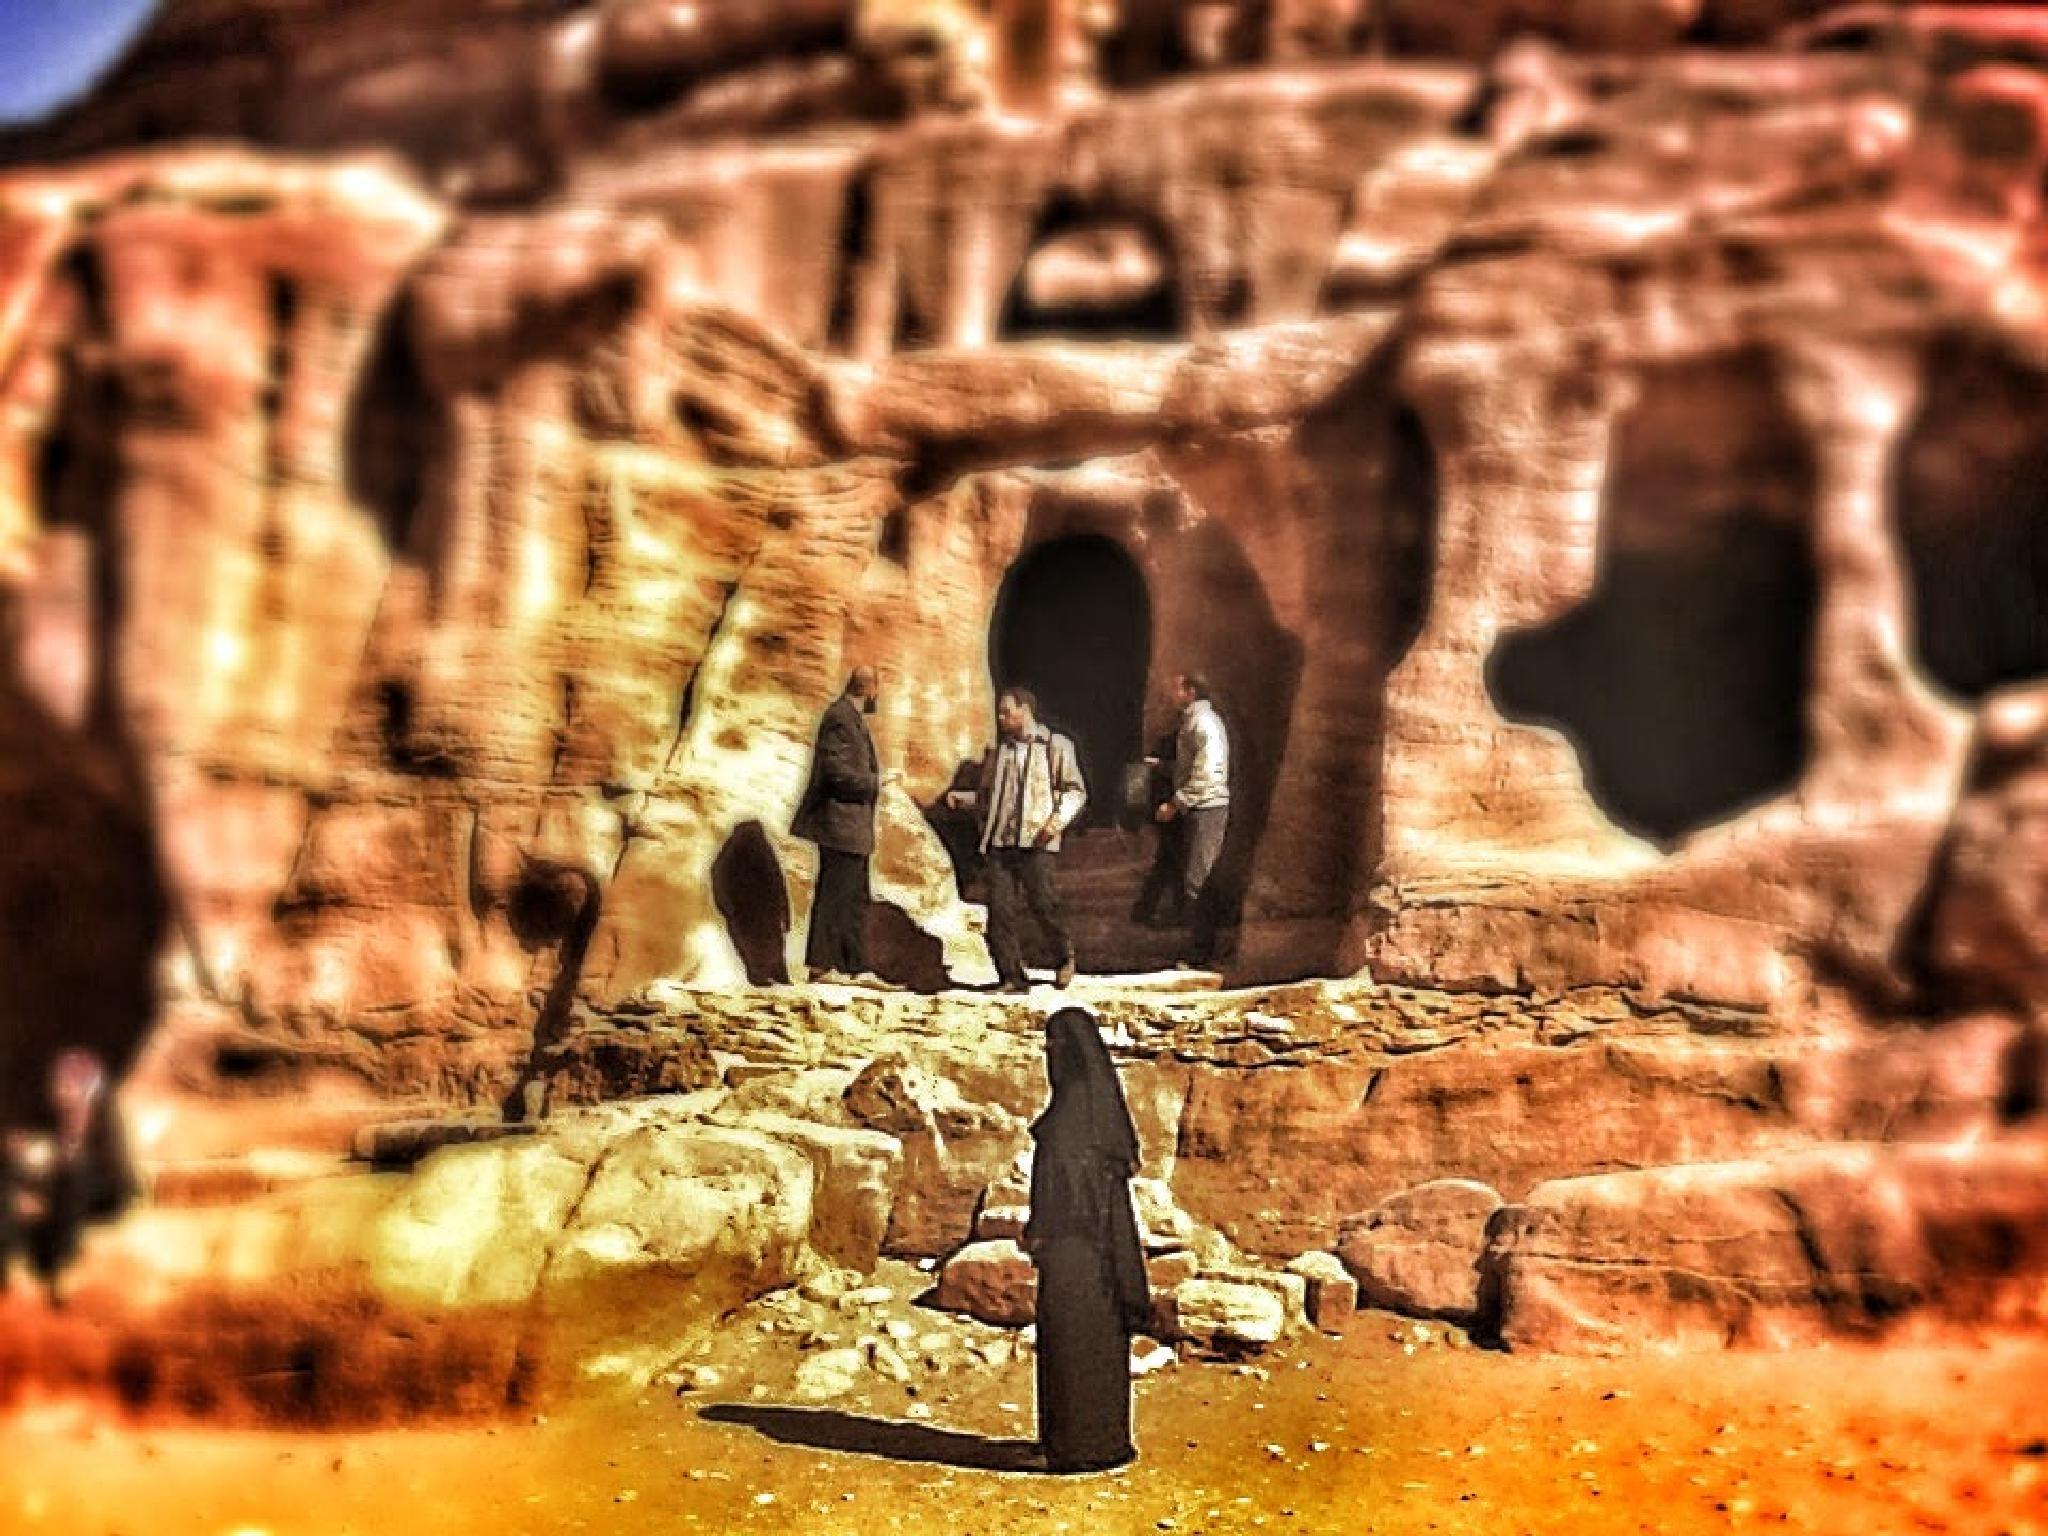 Woman in black in Petra 2 by Meriç Aksu